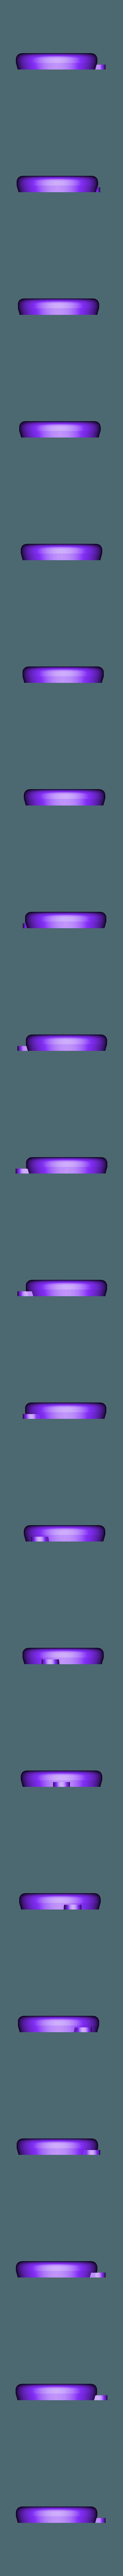 bag_holder_bone_body.STL Download free STL file Multi-Color Dog Poop Bag Dispenser • 3D print template, MosaicManufacturing